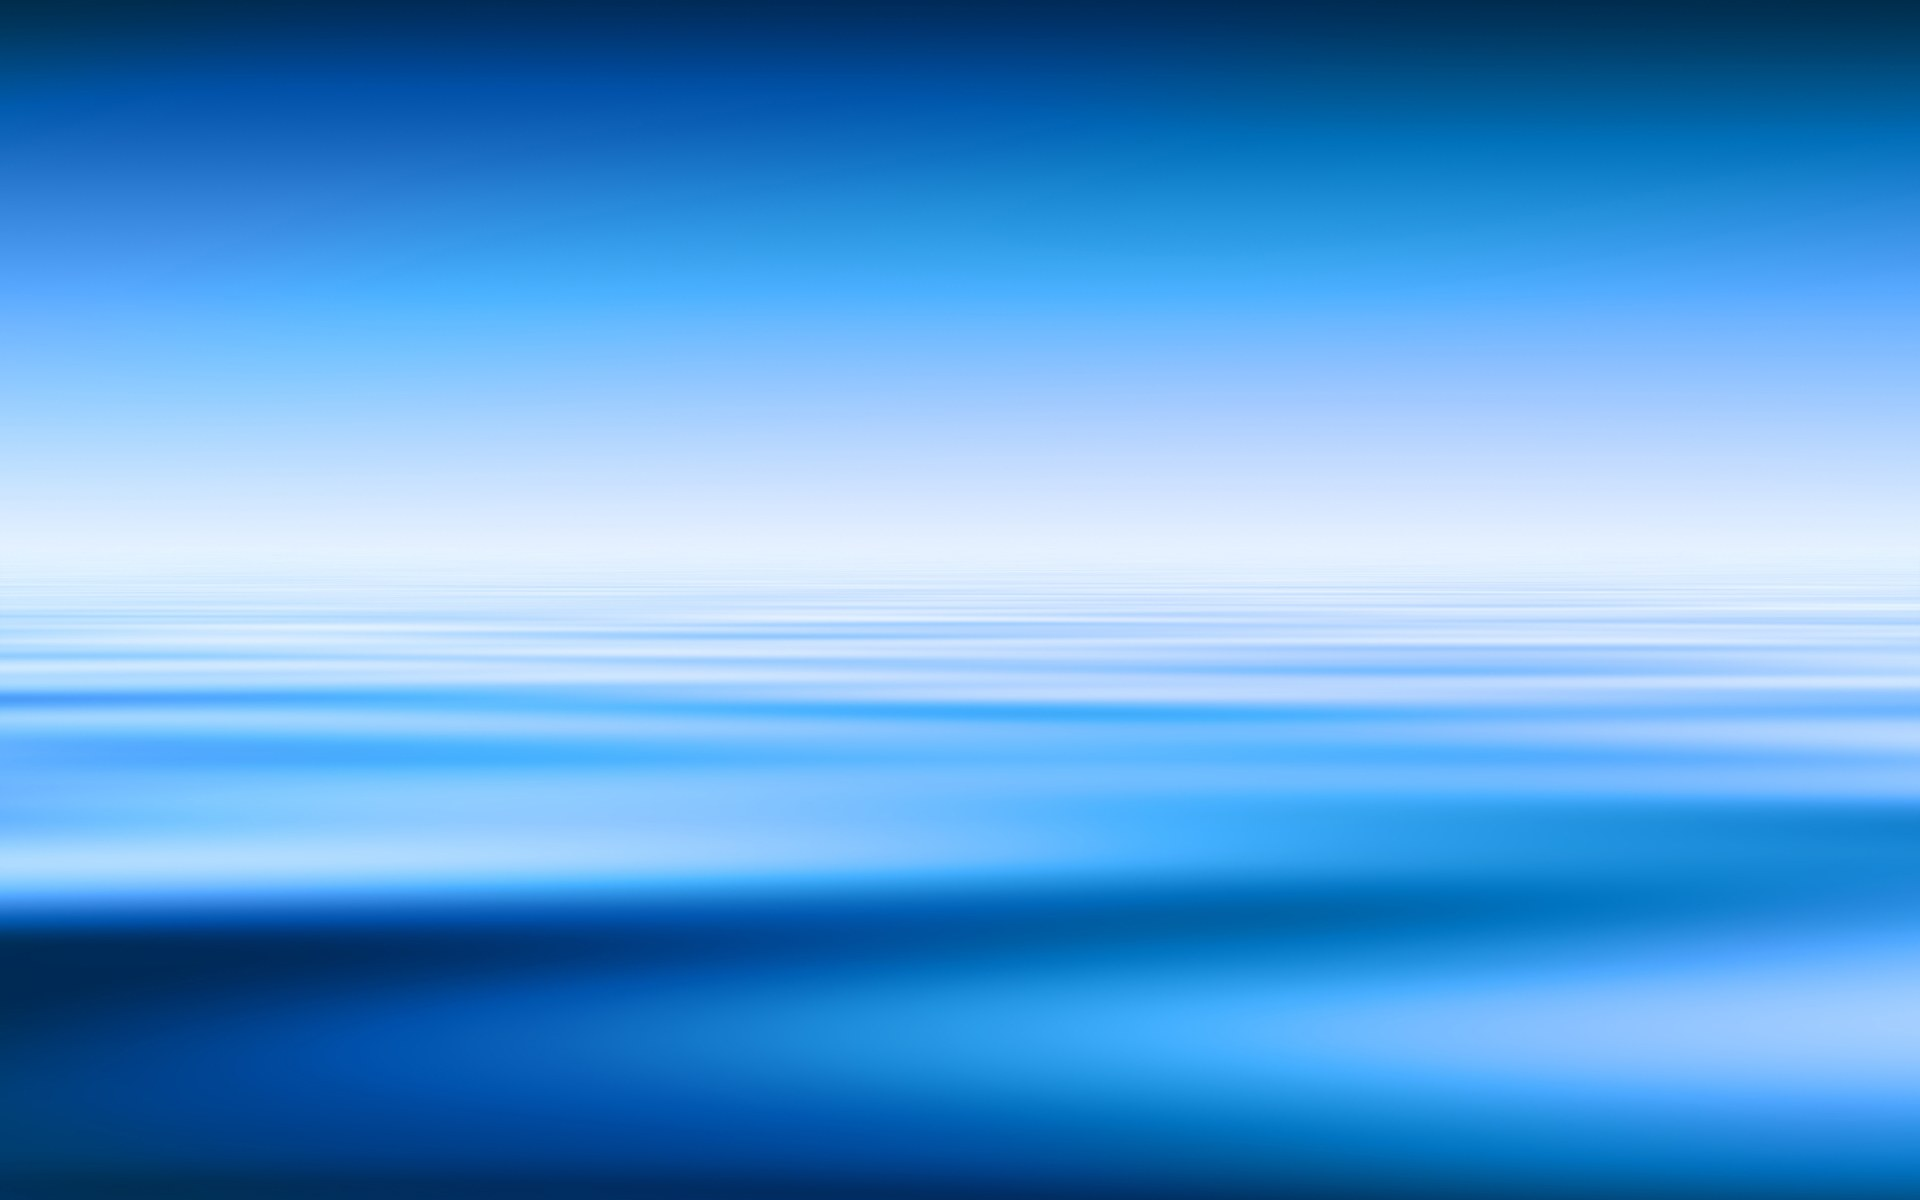 blue wallpaper 27154